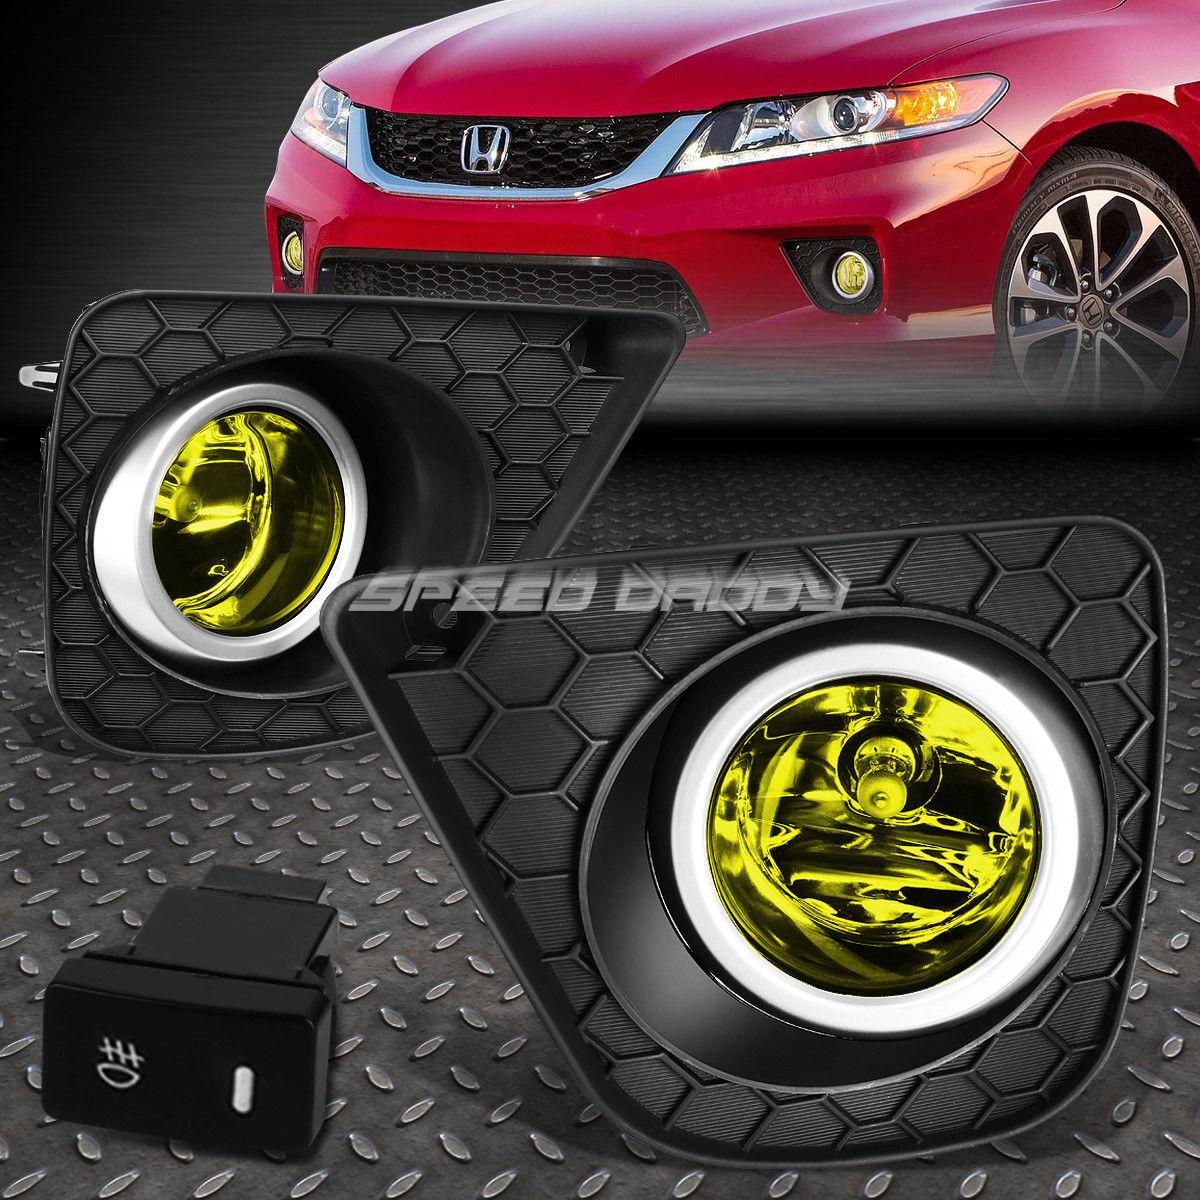 フォグライト FOR 13-15 HONDA ACCORD CT1/CT2 YELLOW LENS OE DRIVING FOG LIGHT LAMP+SWITCH ホーダアコードCT1 / CT2黄色レンズOE駆動フォグライトランプ+スイッチ